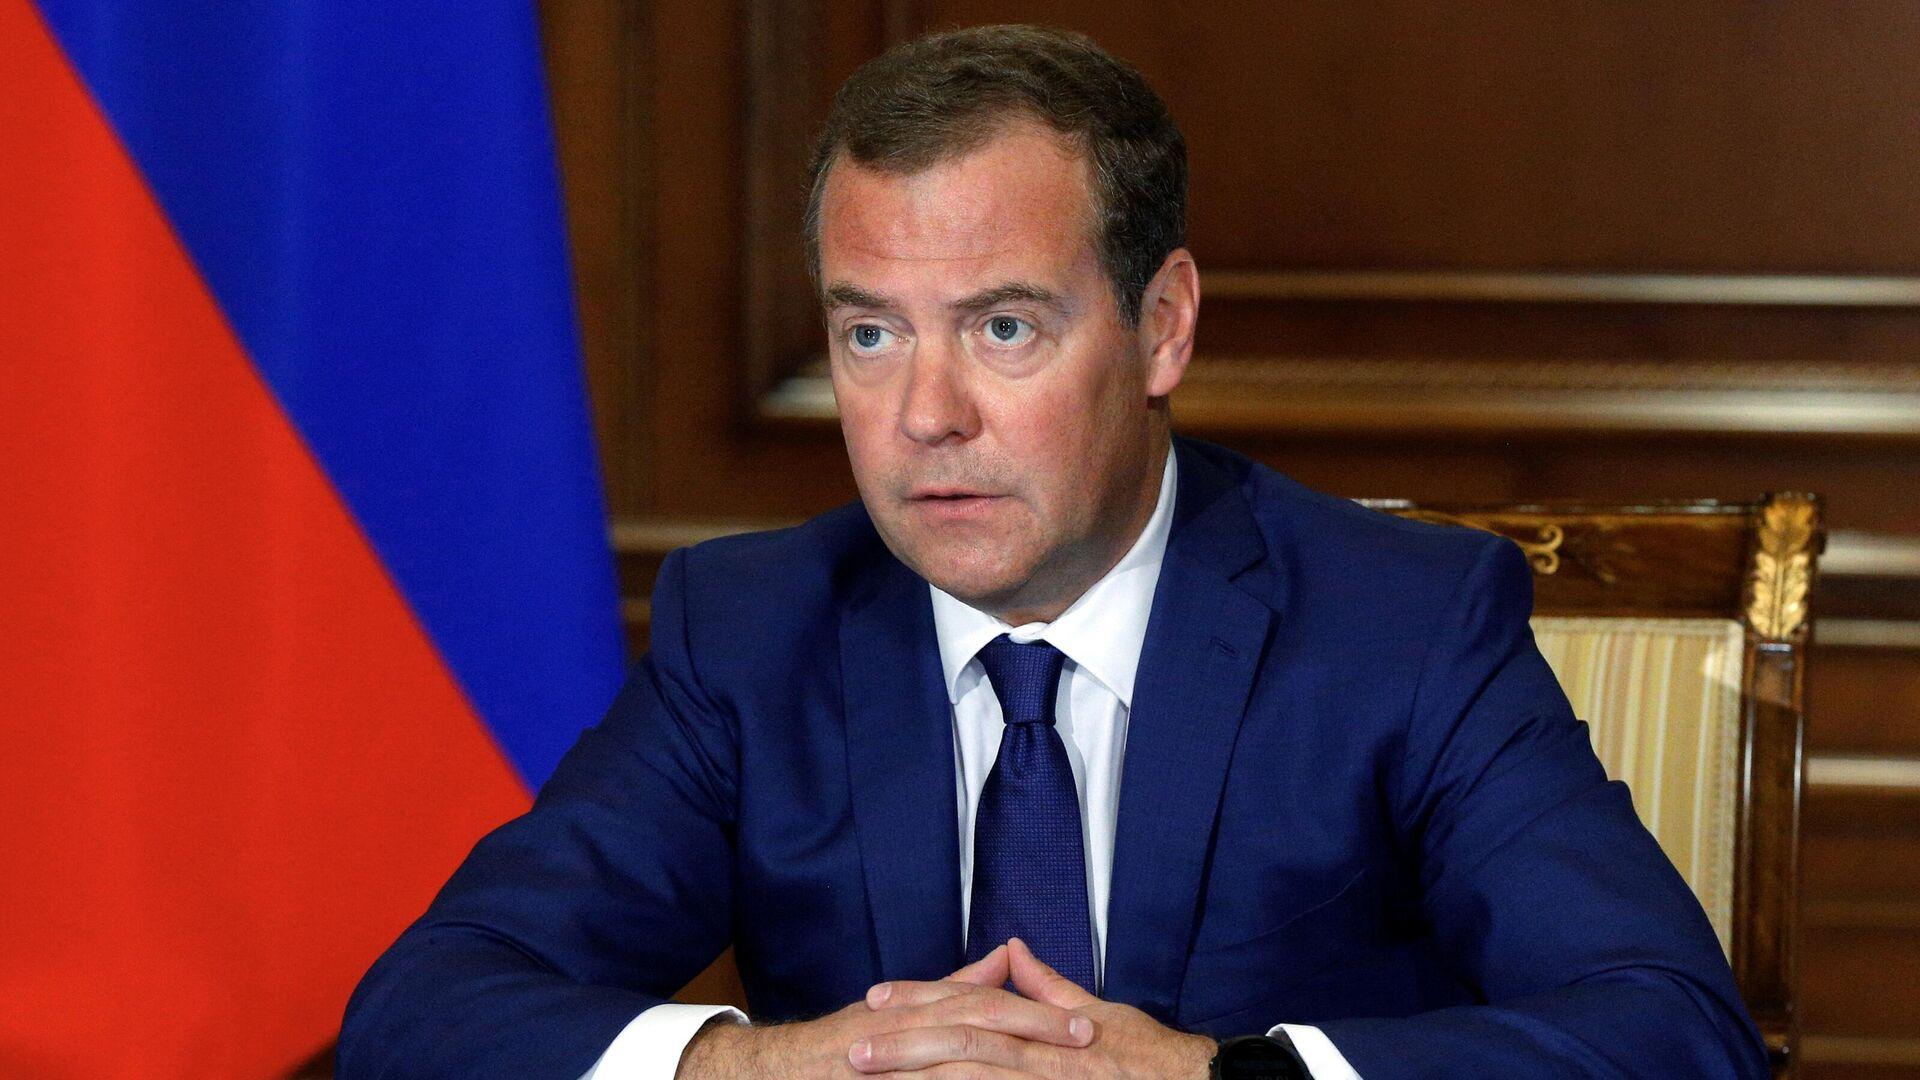 Председатель Единой России Дмитрий Медведев - РИА Новости, 1920, 25.09.2020